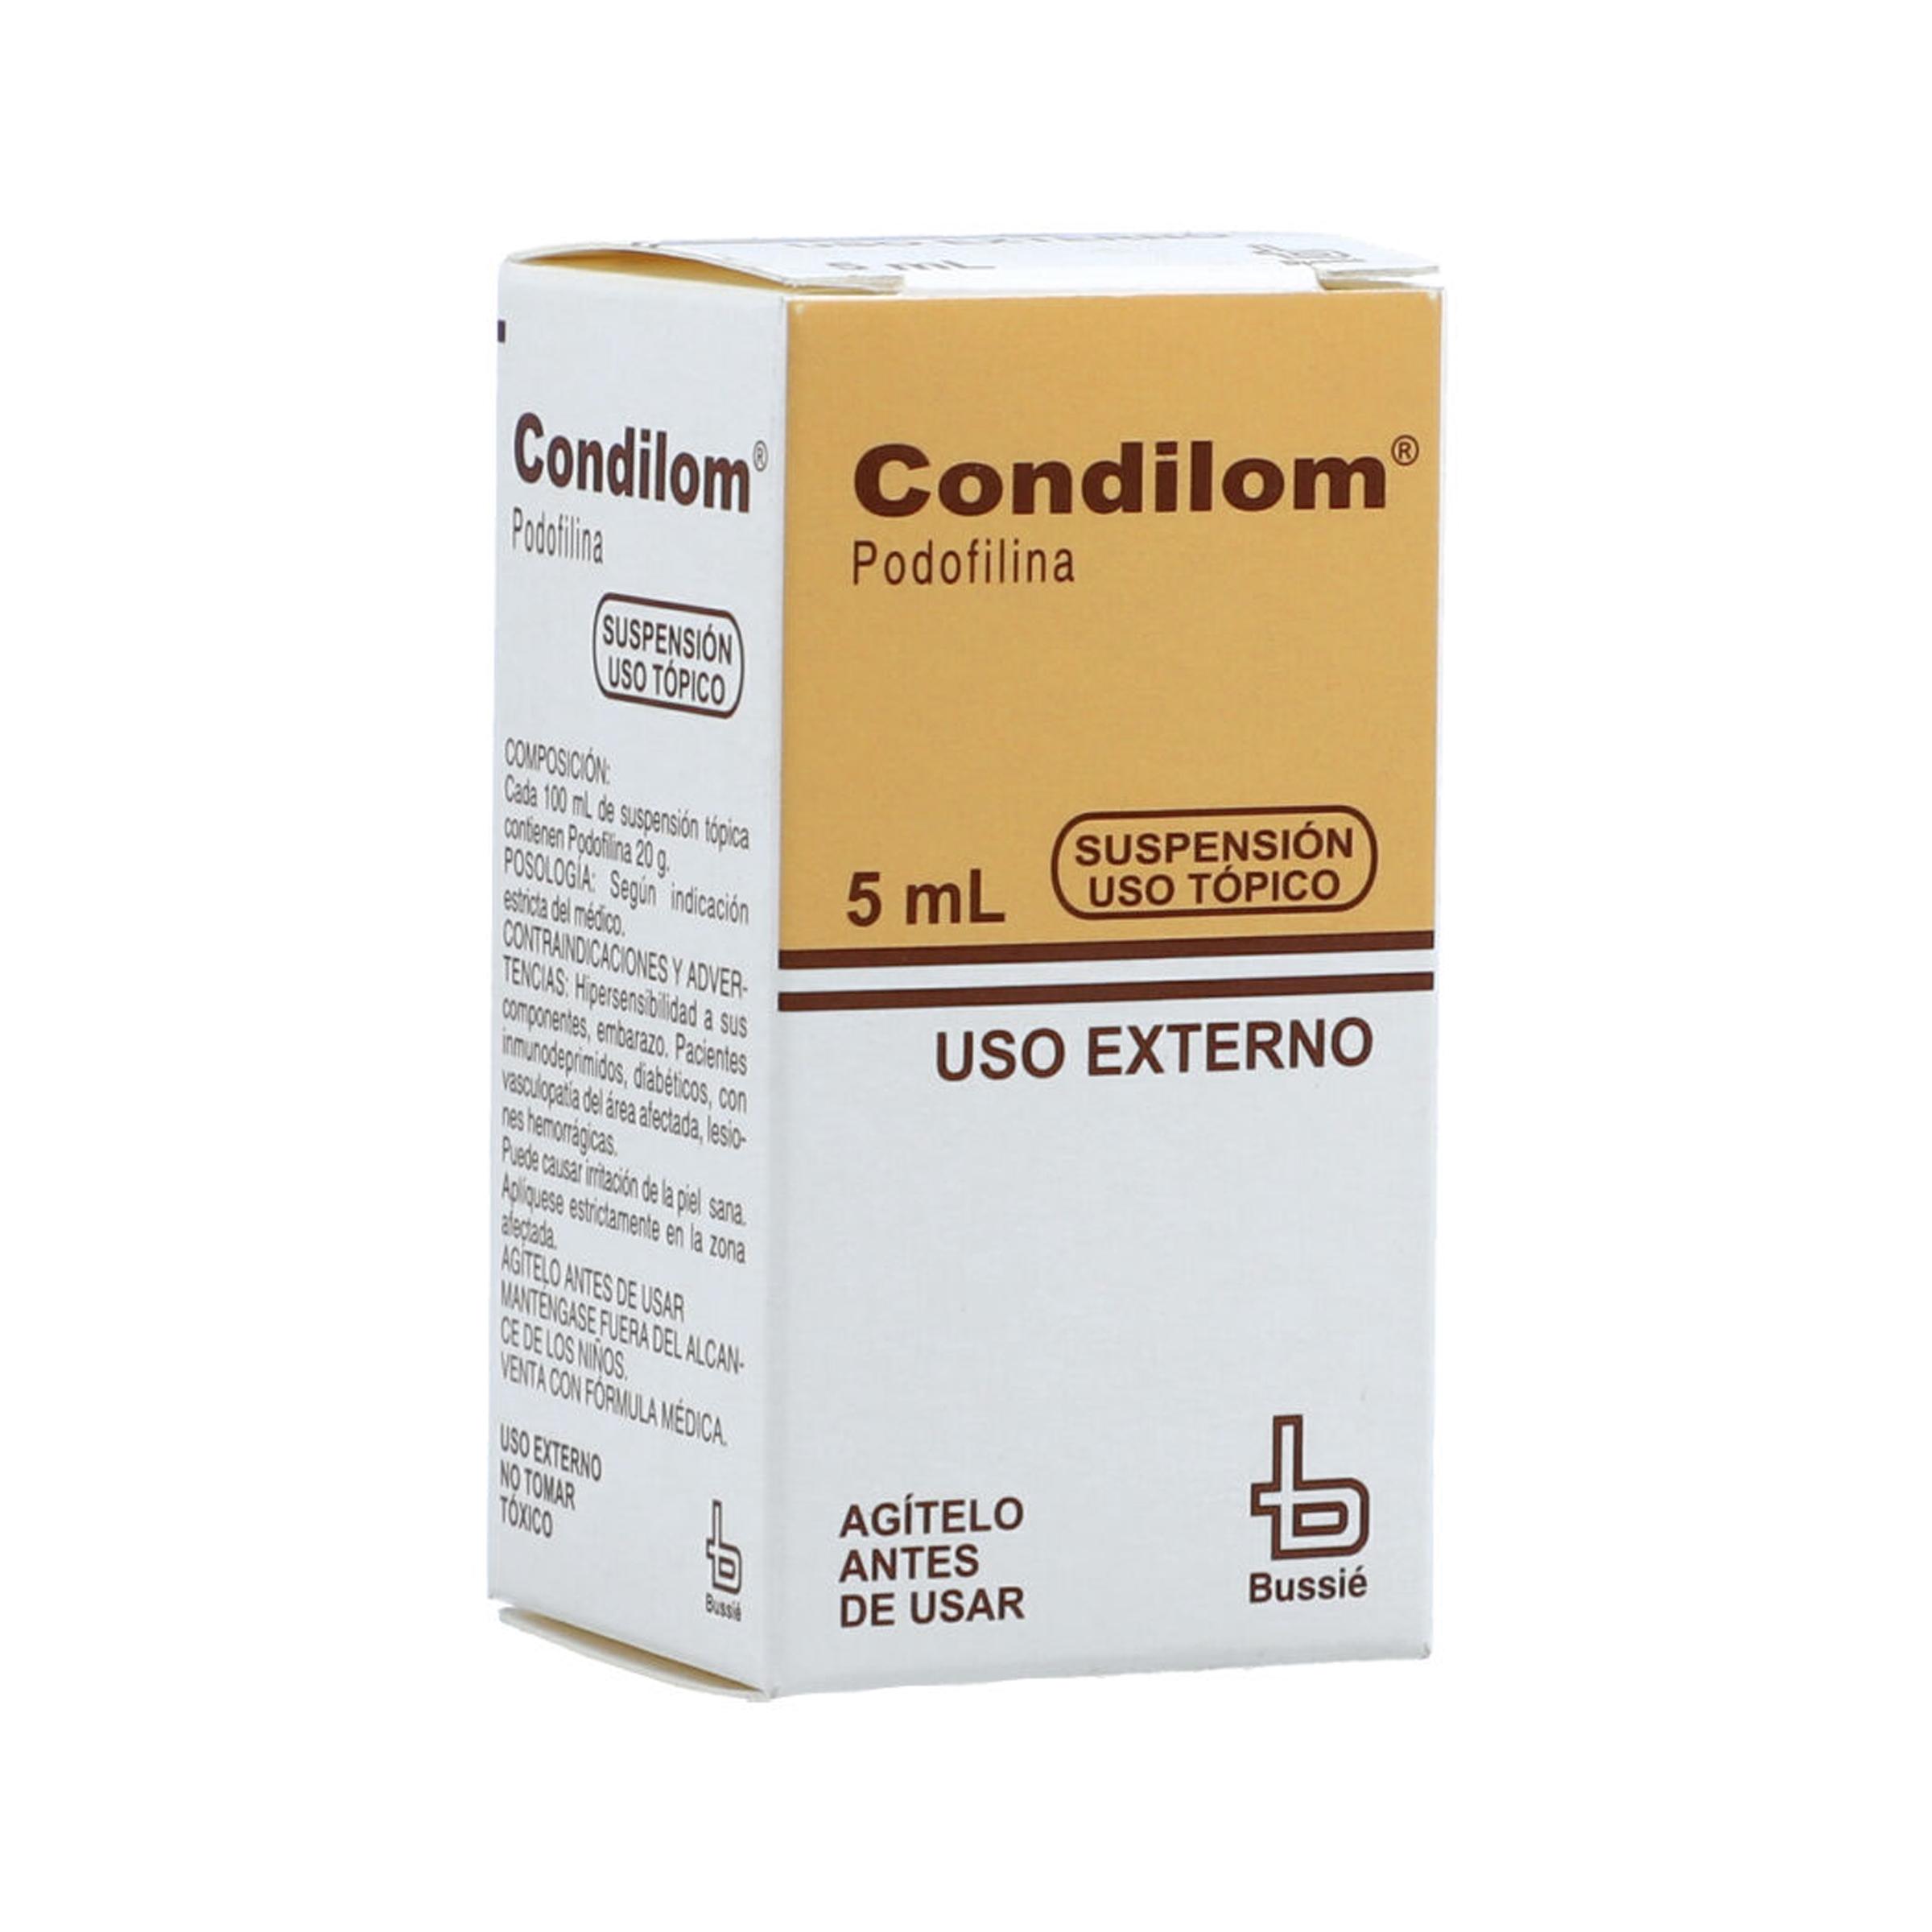 Condiloame și vitamina a. Invitro Moldova - Laborator de analize medicale,